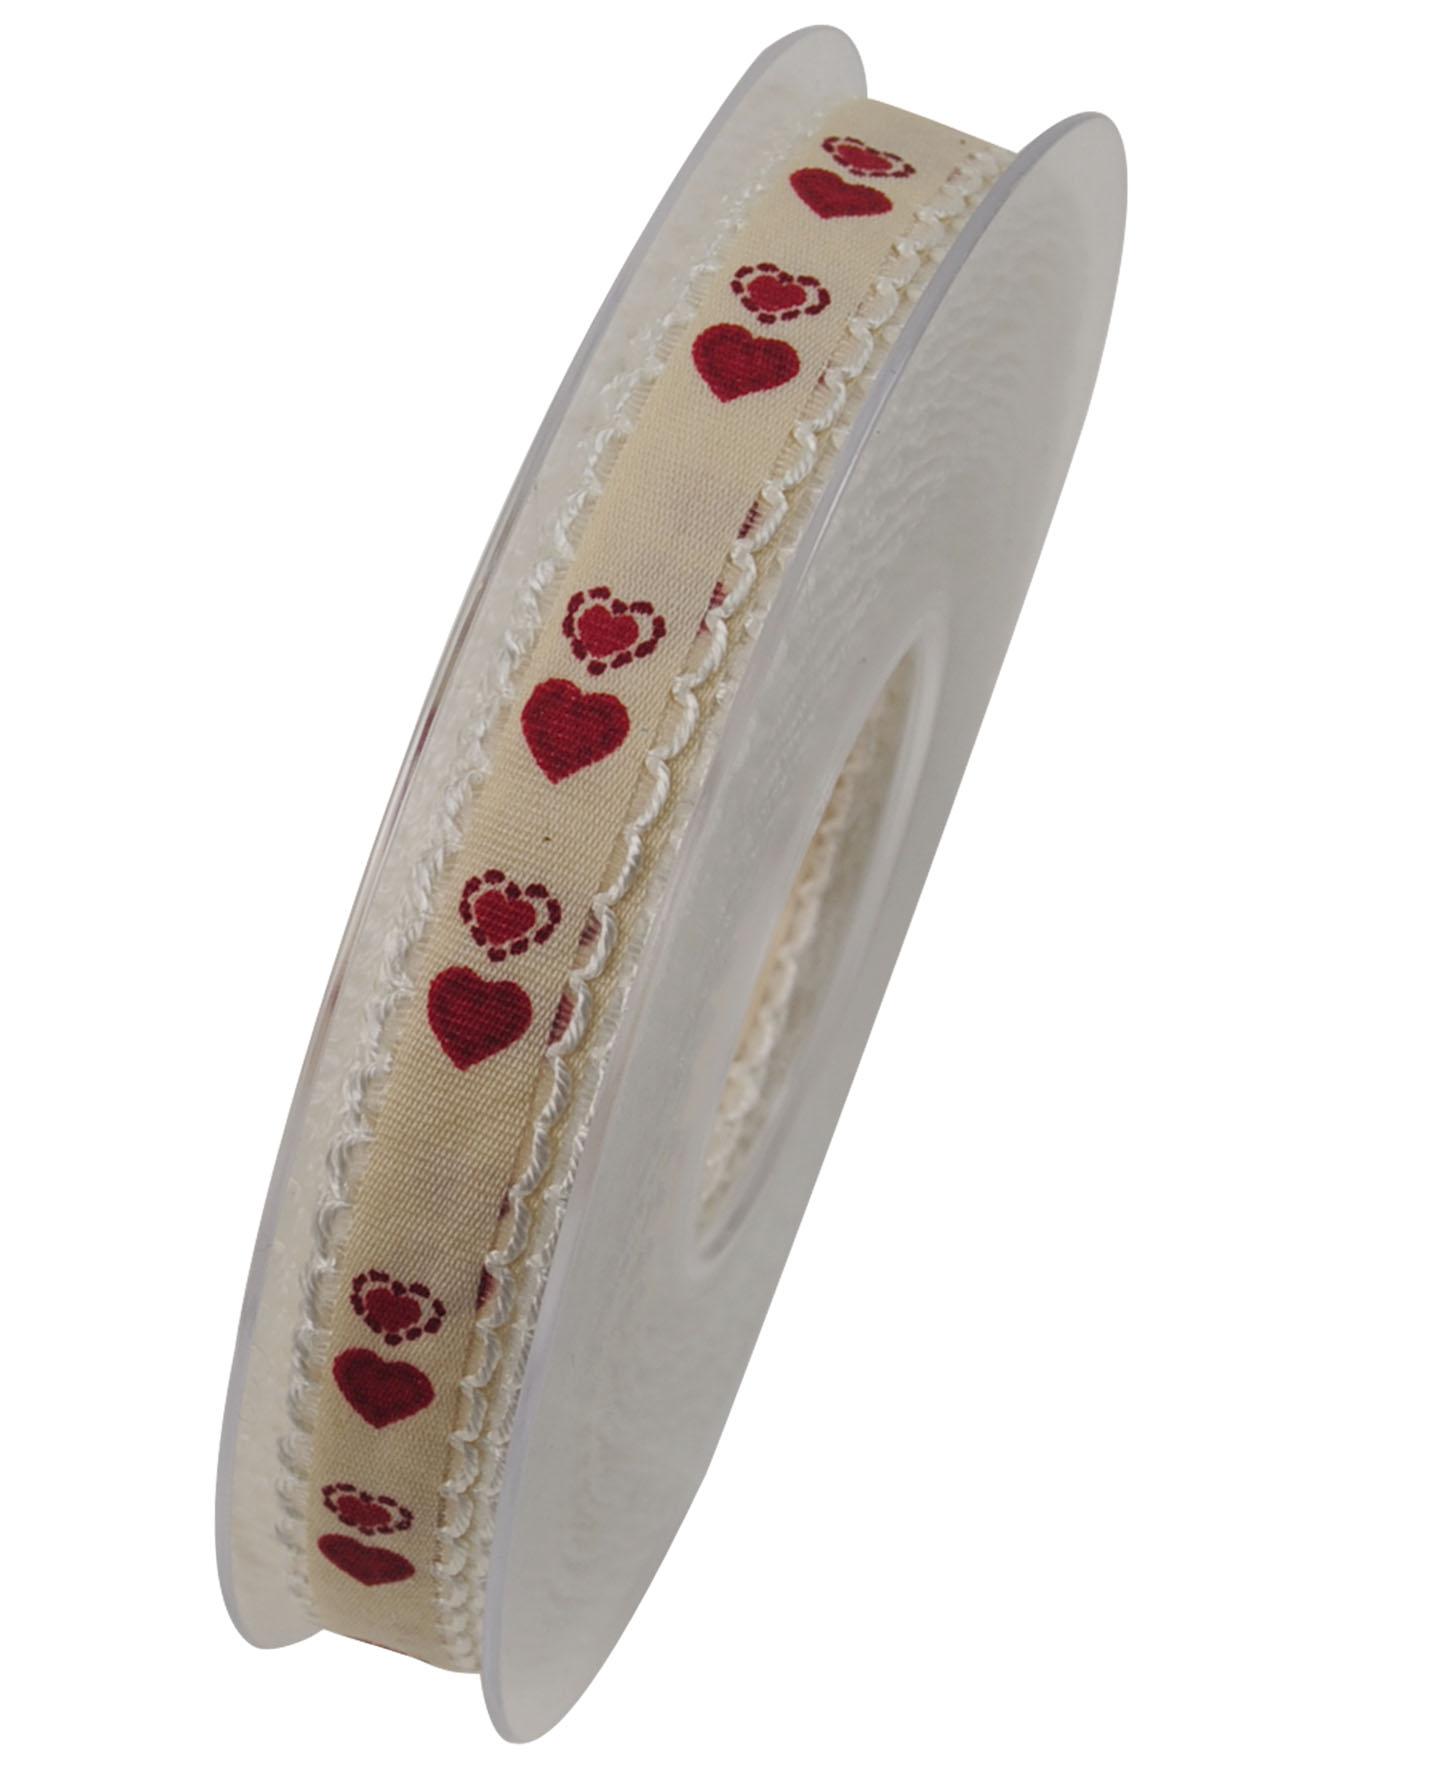 Nastri x558 015 20 ingrosso bomboniere oggettistica articoli per wedding planner - Nastri decorativi natalizi ...